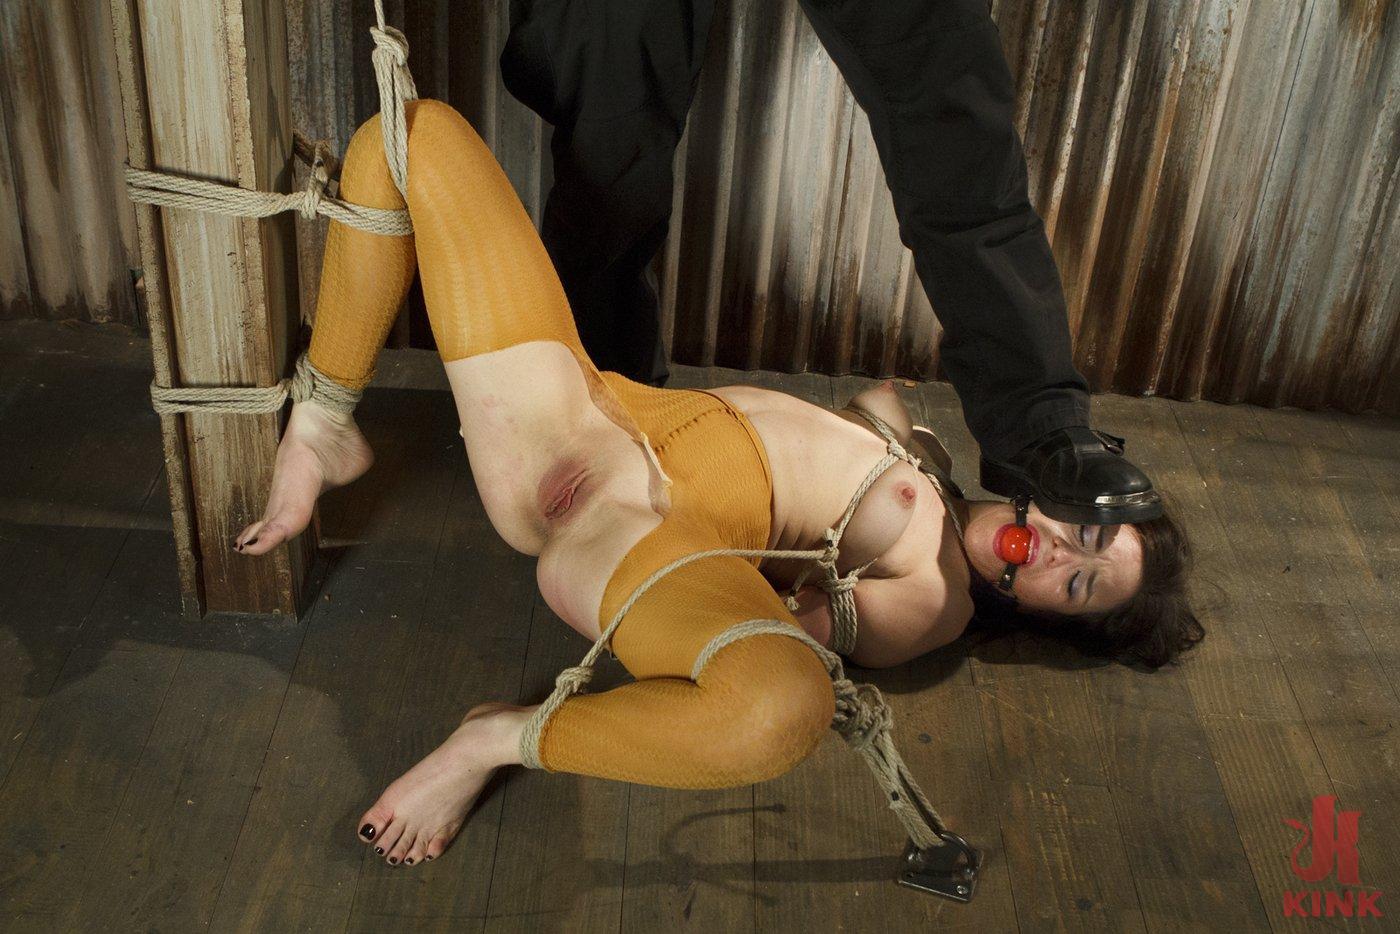 forced orga bondage workshop